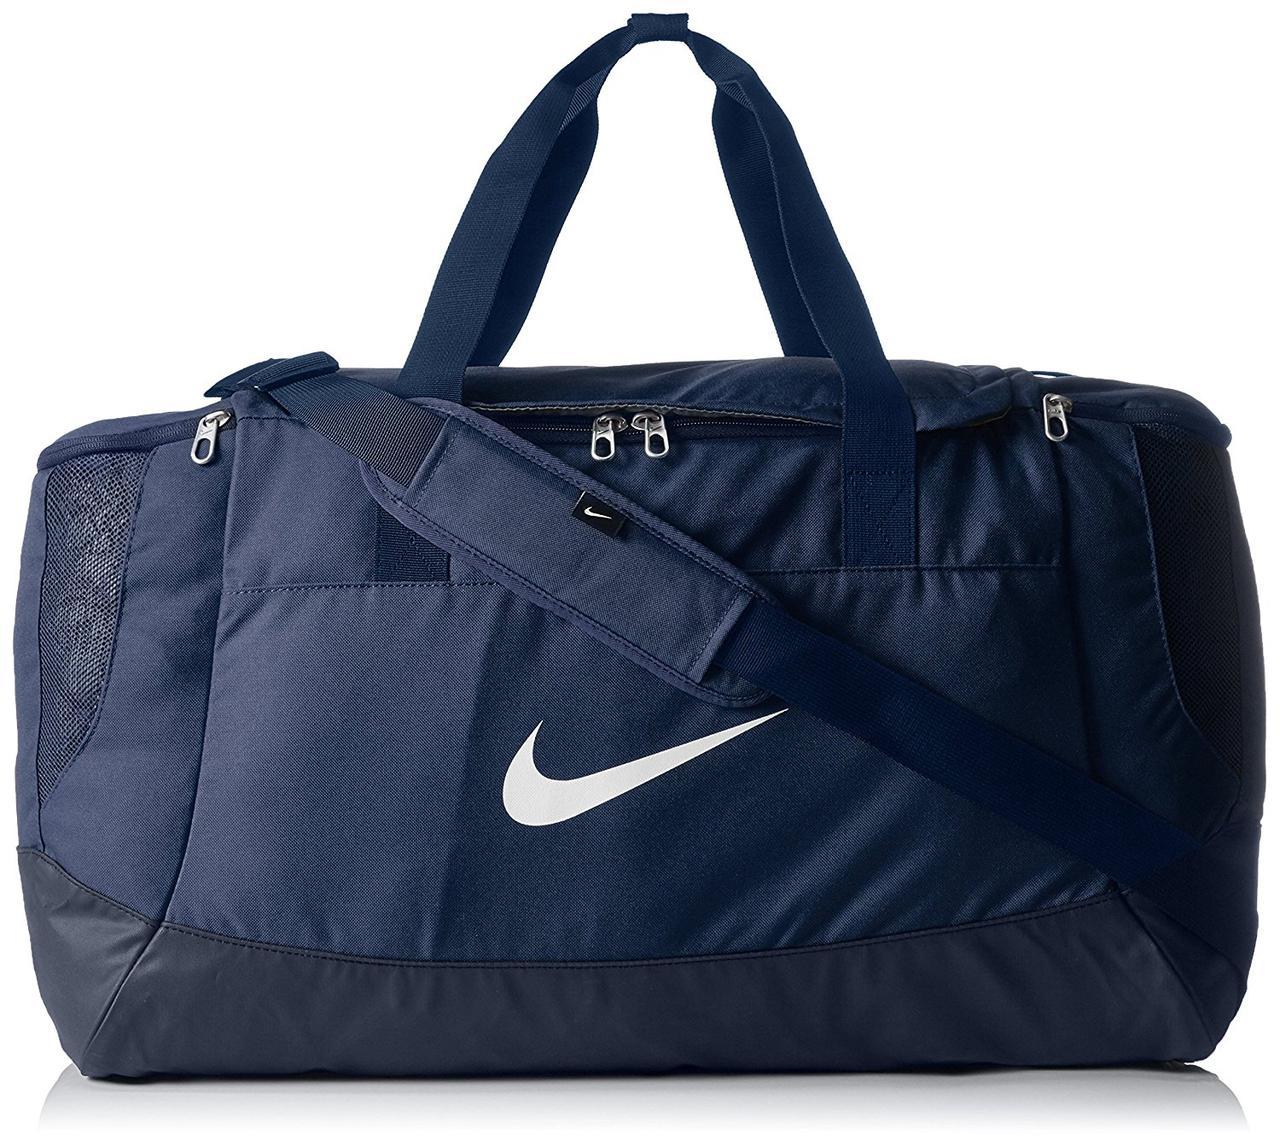 Сумка спортивная Nike Club Team Duffel L BA5192-410 (original) 58л, большая мужская женская